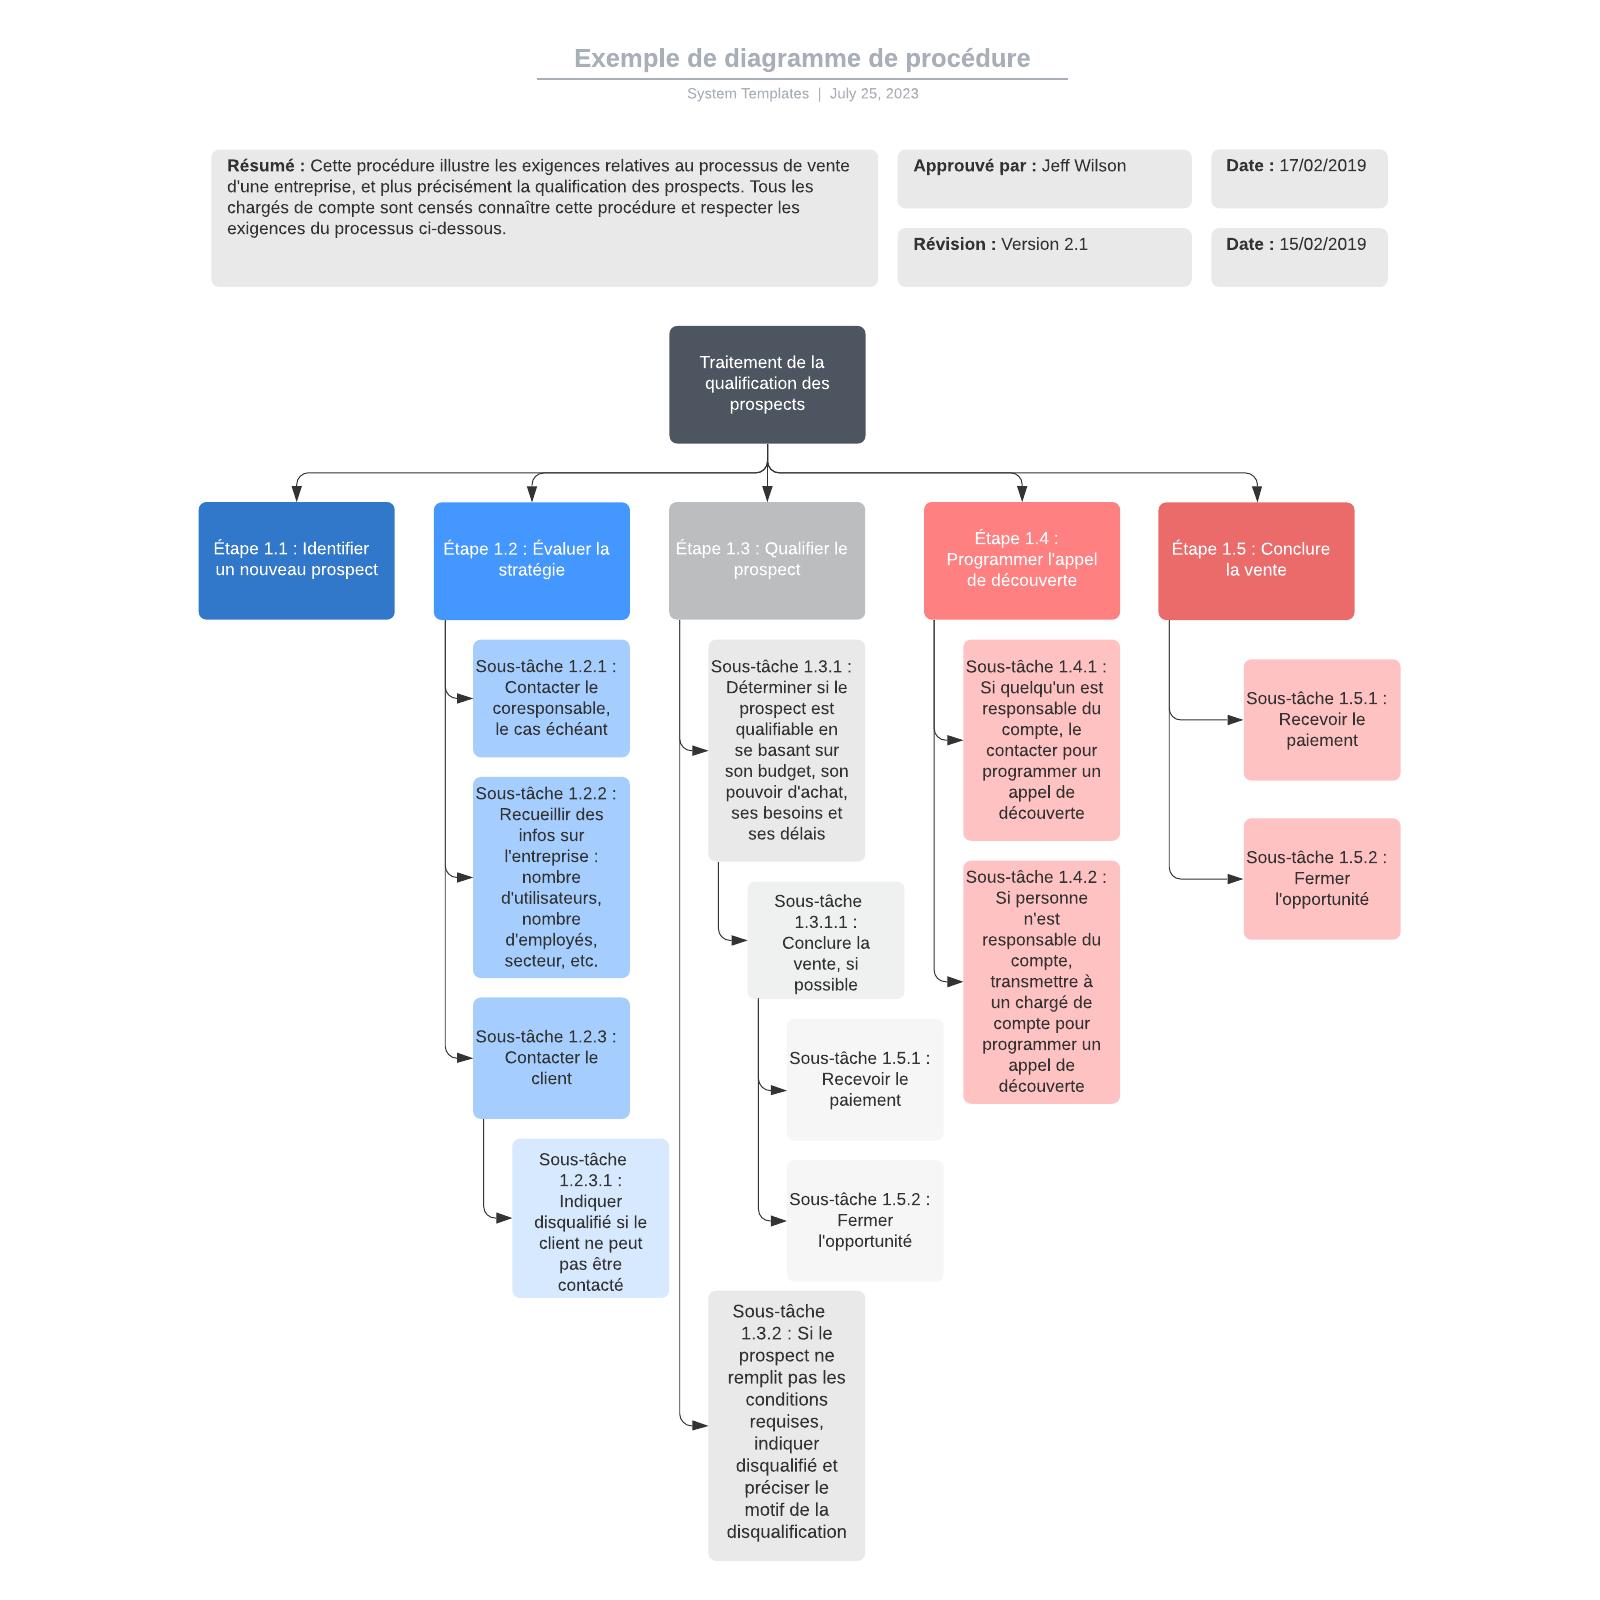 exemple de diagramme de procédure